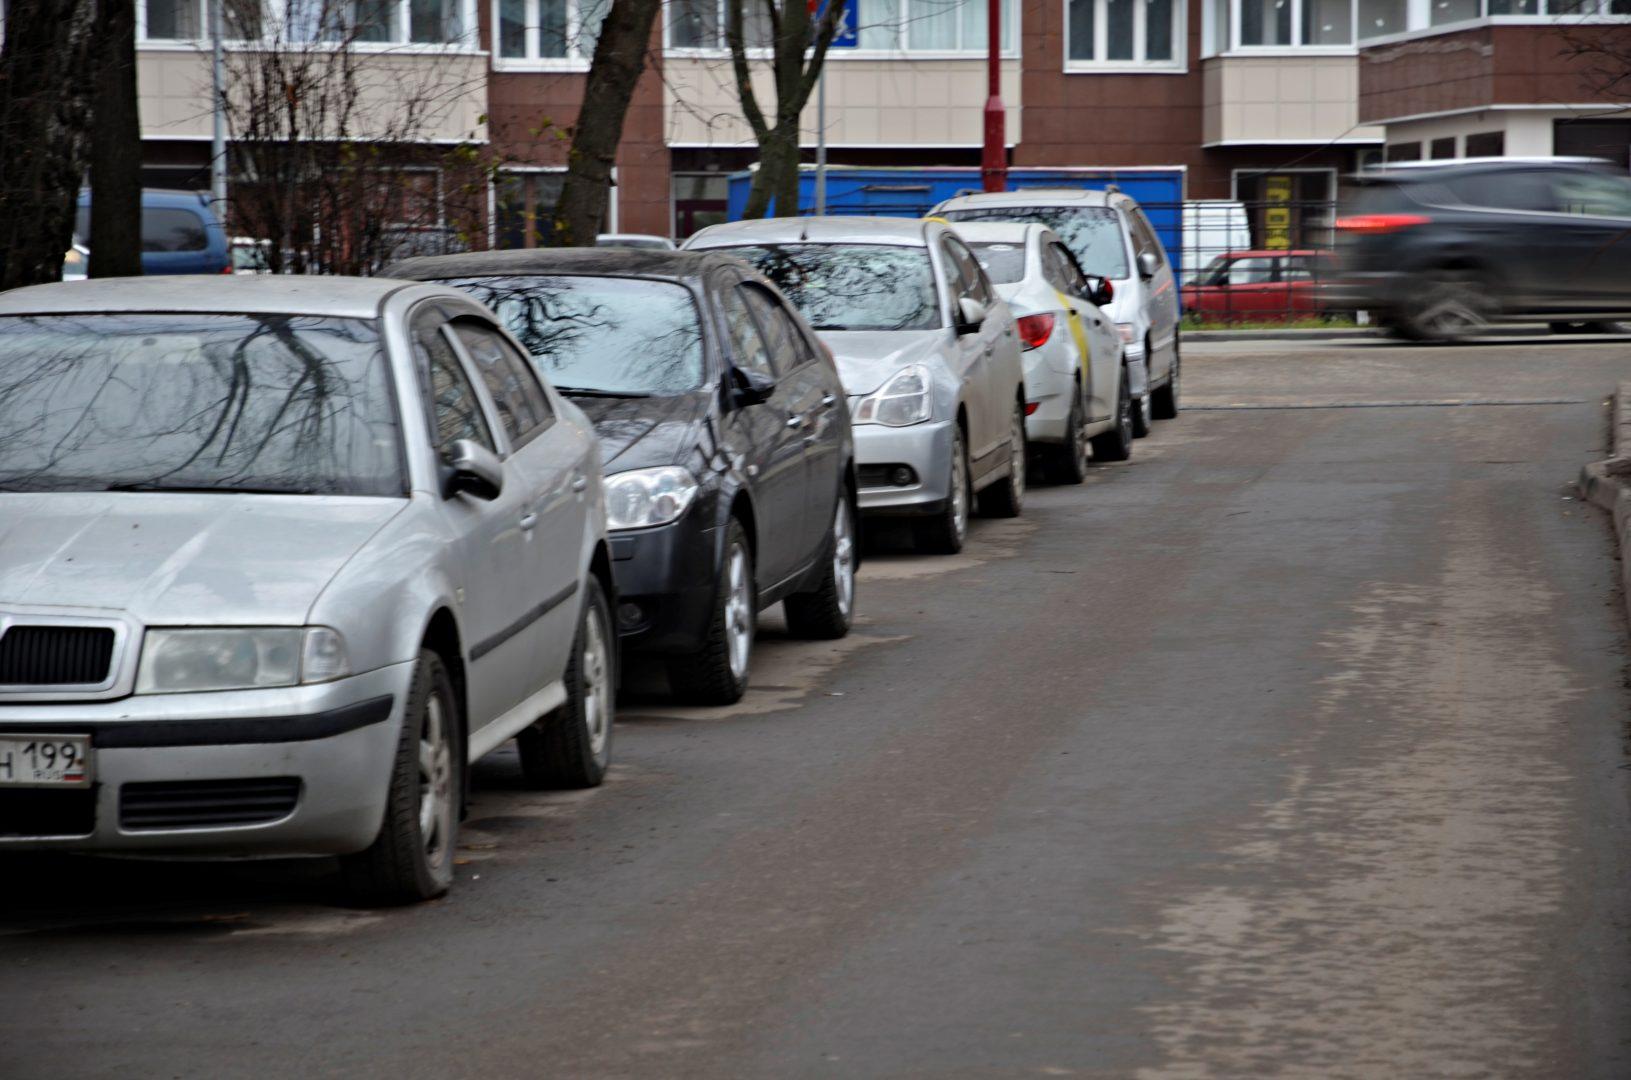 Паркинг Москвы будет работать бесплатно в новогодние праздники. Фото: Анна Быкова